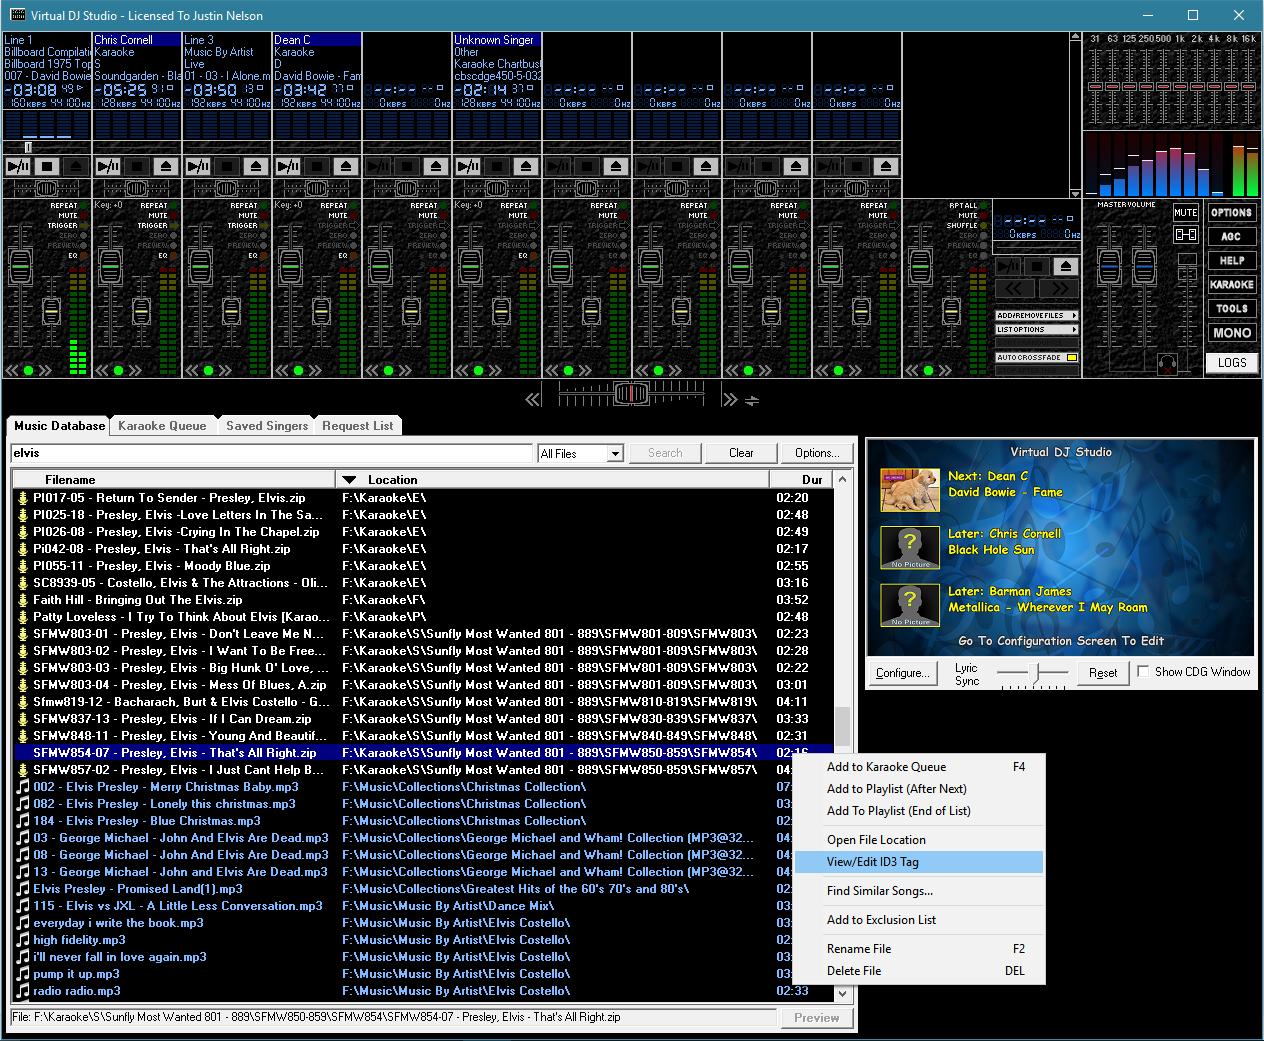 virtual dj pro 7 crack free download